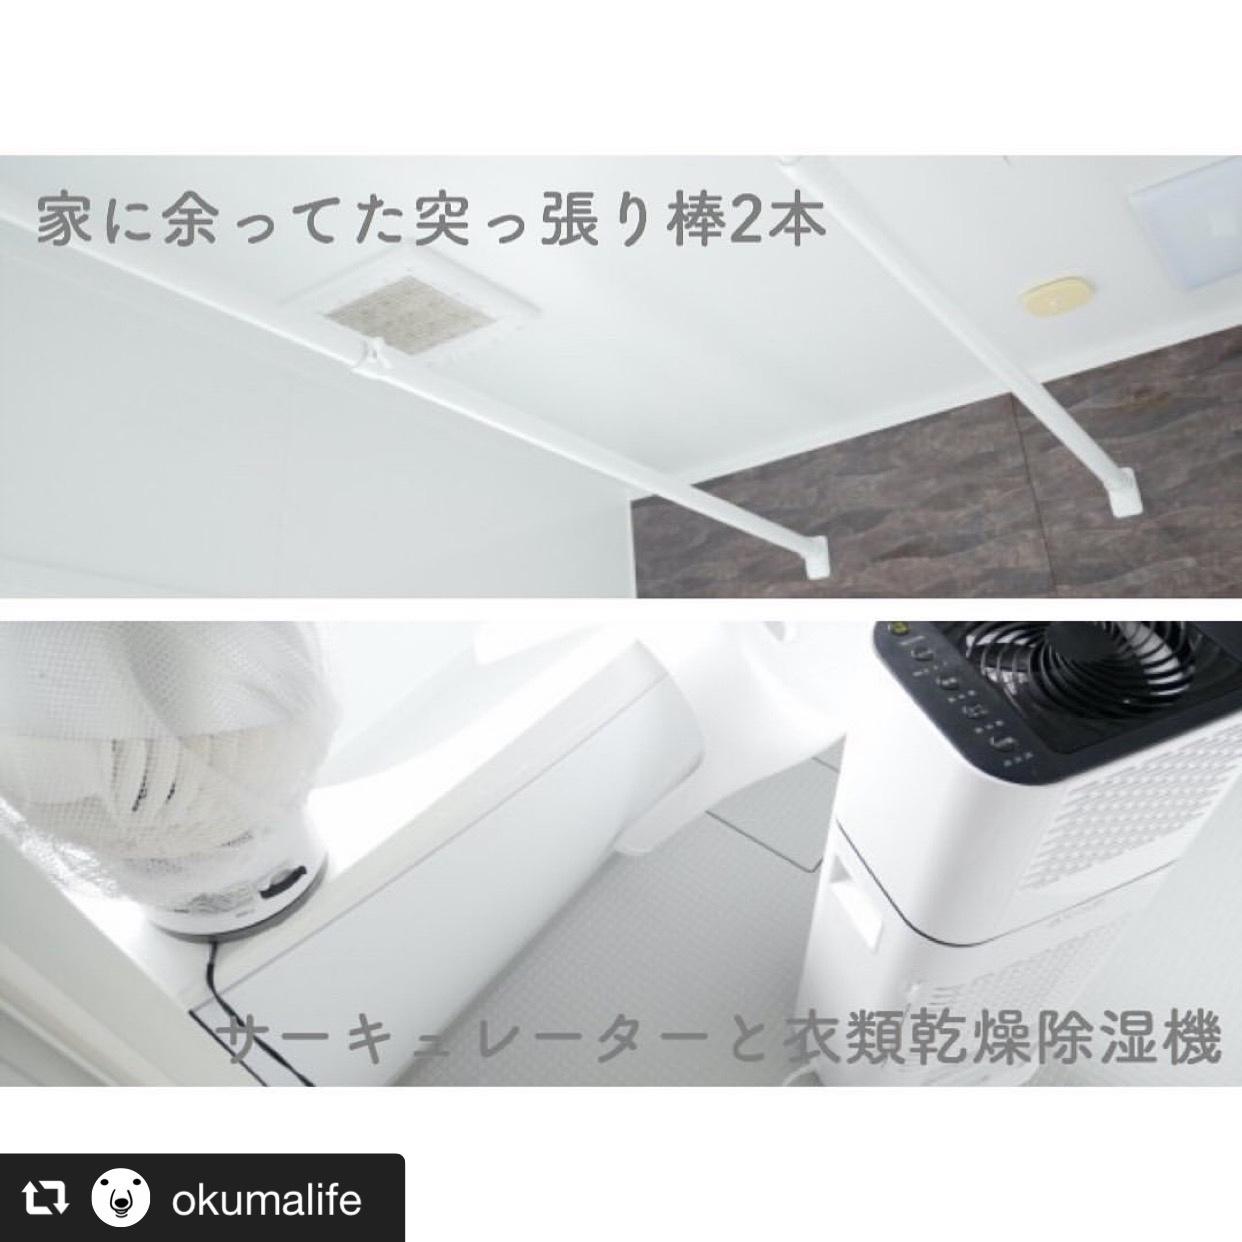 梅雨時期のお洗濯にも! 浴室乾燥を自作してみた 画像1